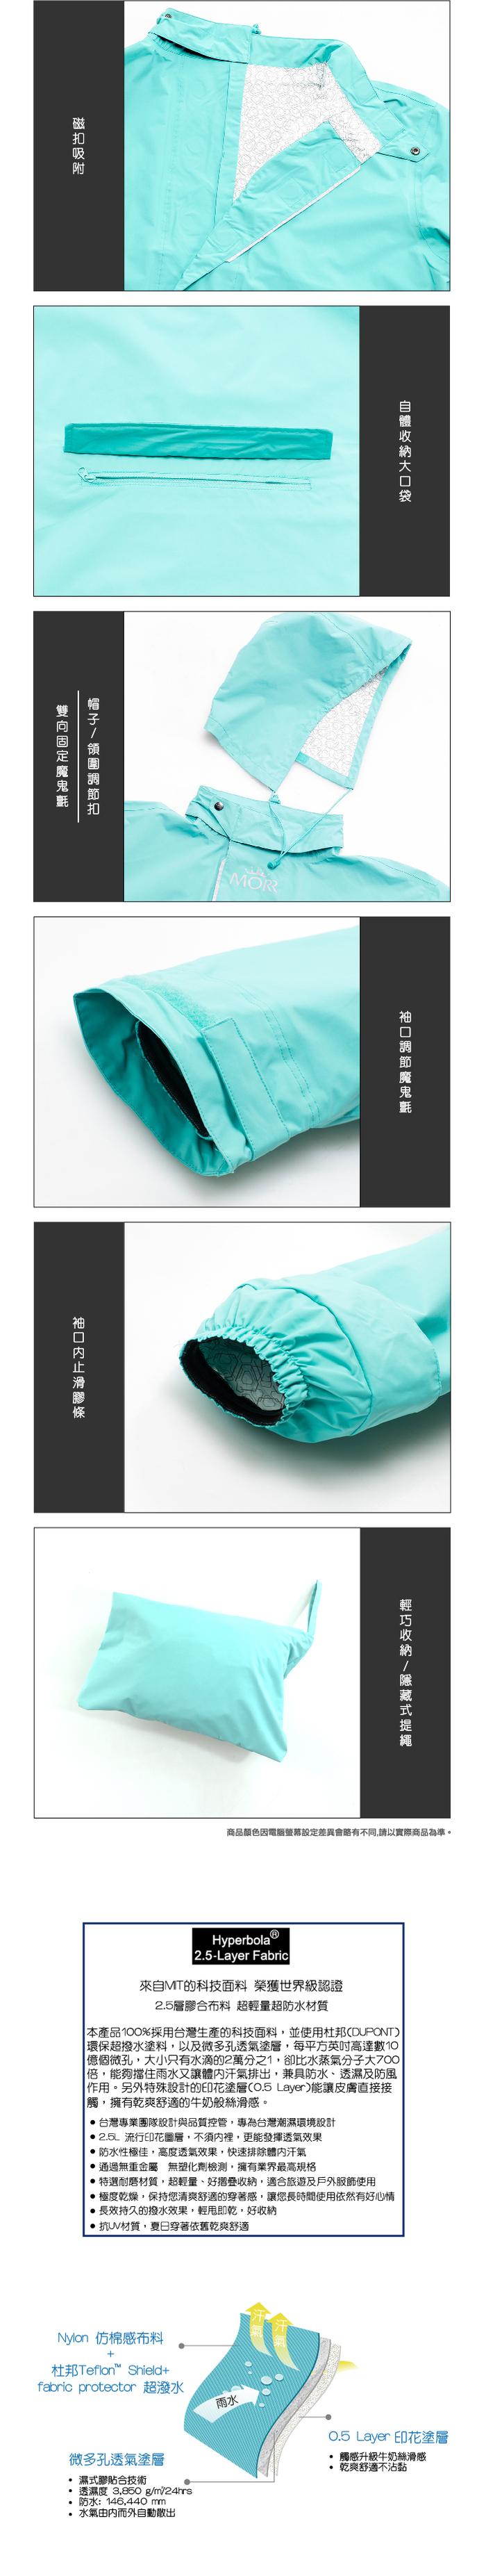 (複製)(複製)MORR|Postshorti 磁吸式反穿防水外套(開心果綠)